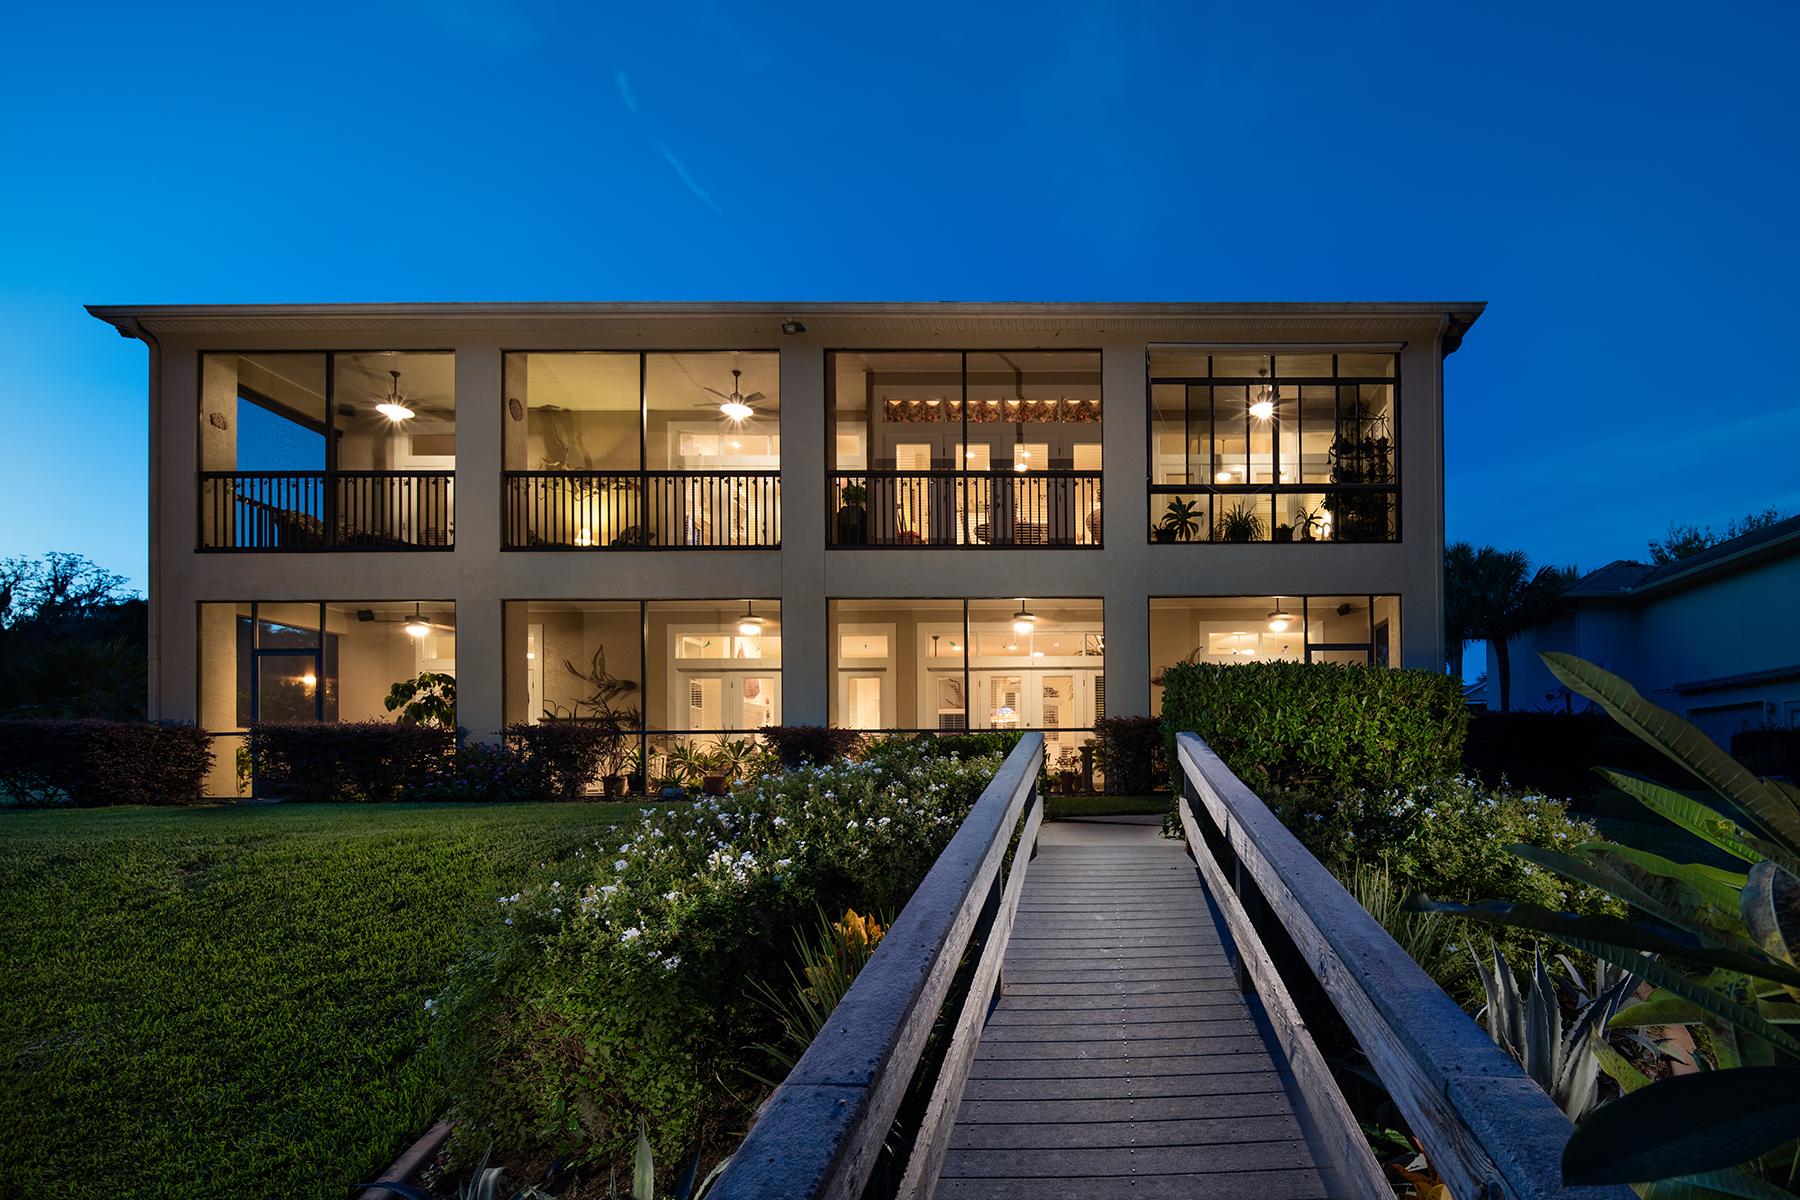 独户住宅 为 销售 在 ORLANDO - EUSTIS 3332 Indian Trl 尤斯缇斯, 佛罗里达州 32726 美国